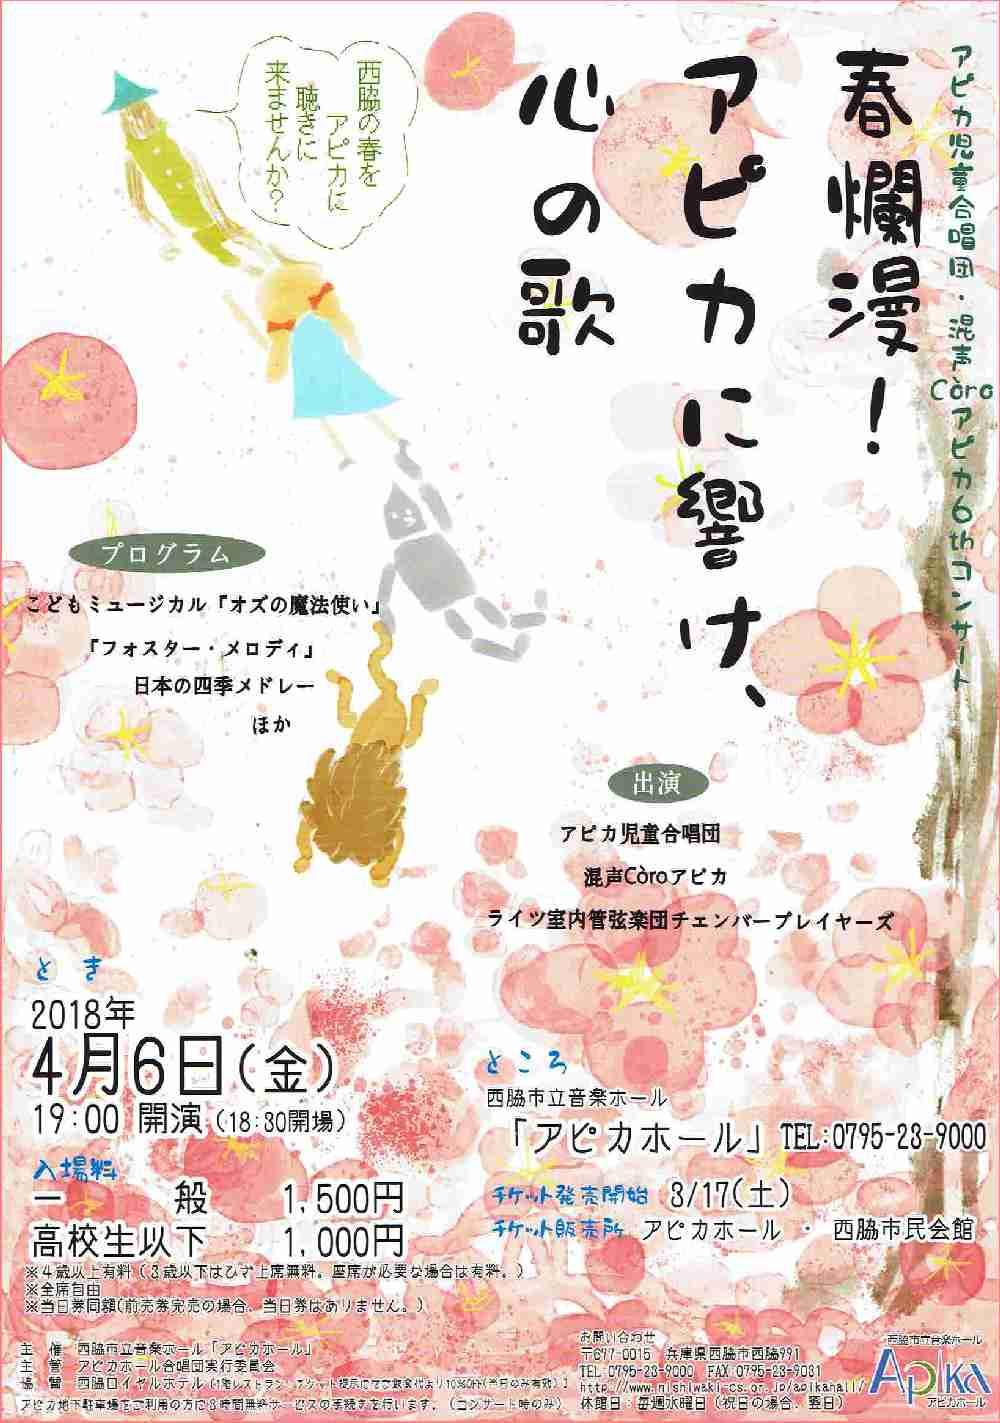 4/6 春爛漫!アピカに響け心の歌:アピカホール